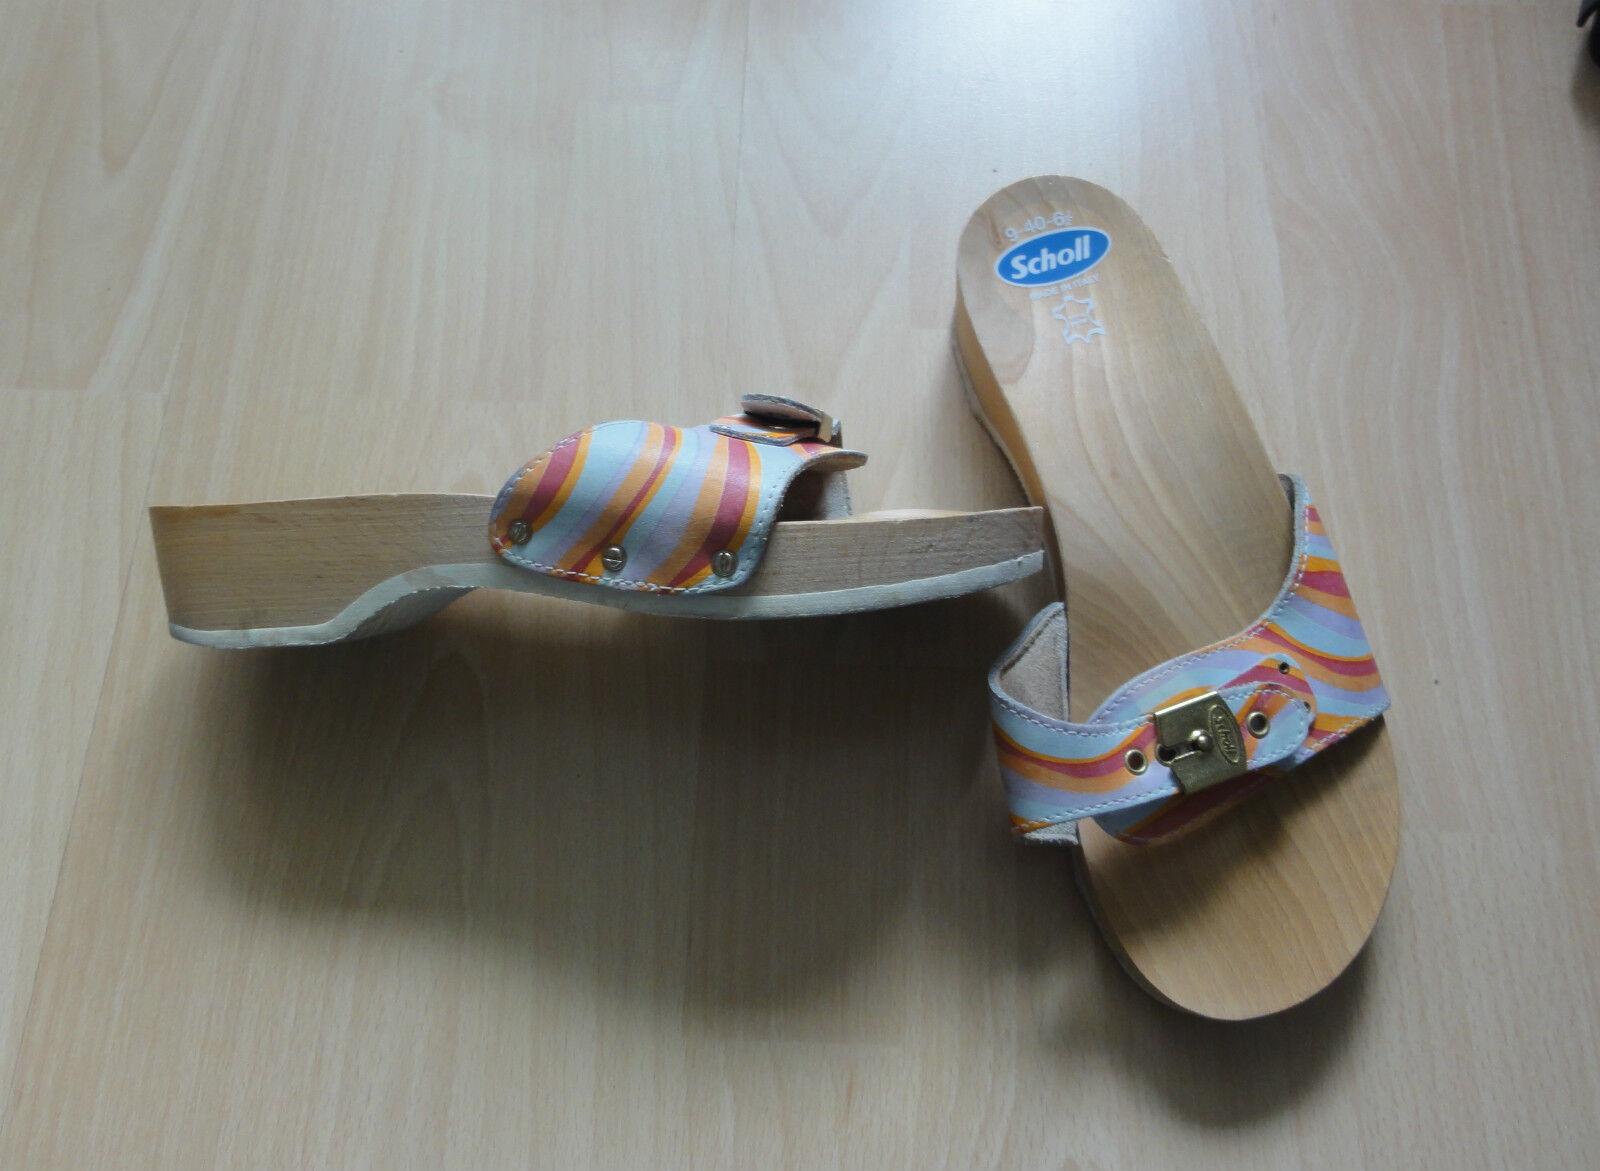 Scholl + Graceland - 2 Paar Schuhe, Pantolette;Damensabot,Gr.40 bunt + Pink